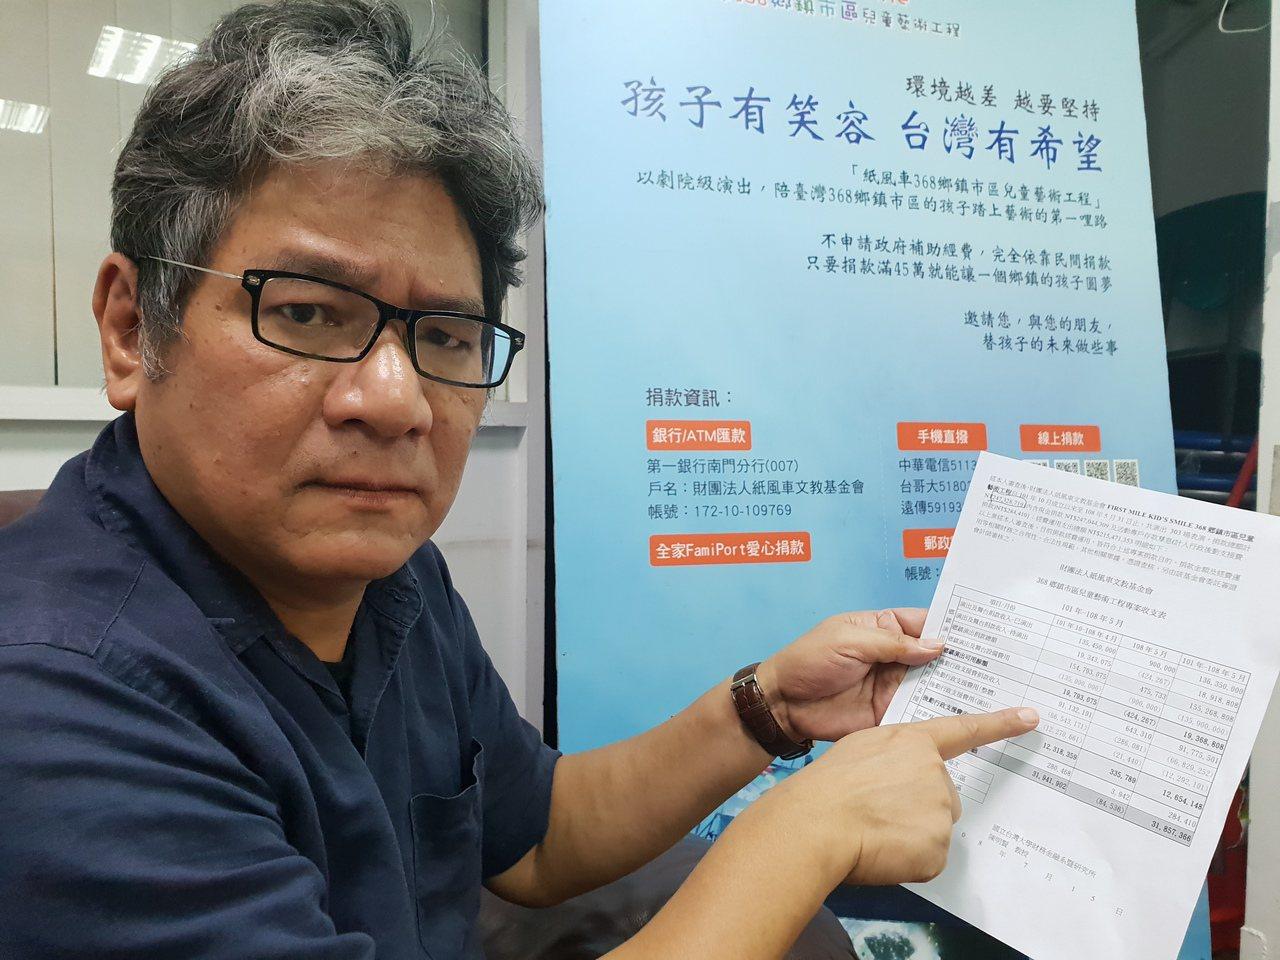 紙風車執行長李永豐召開記者會表示要提告葉慶元。記者陳宛茜/攝影